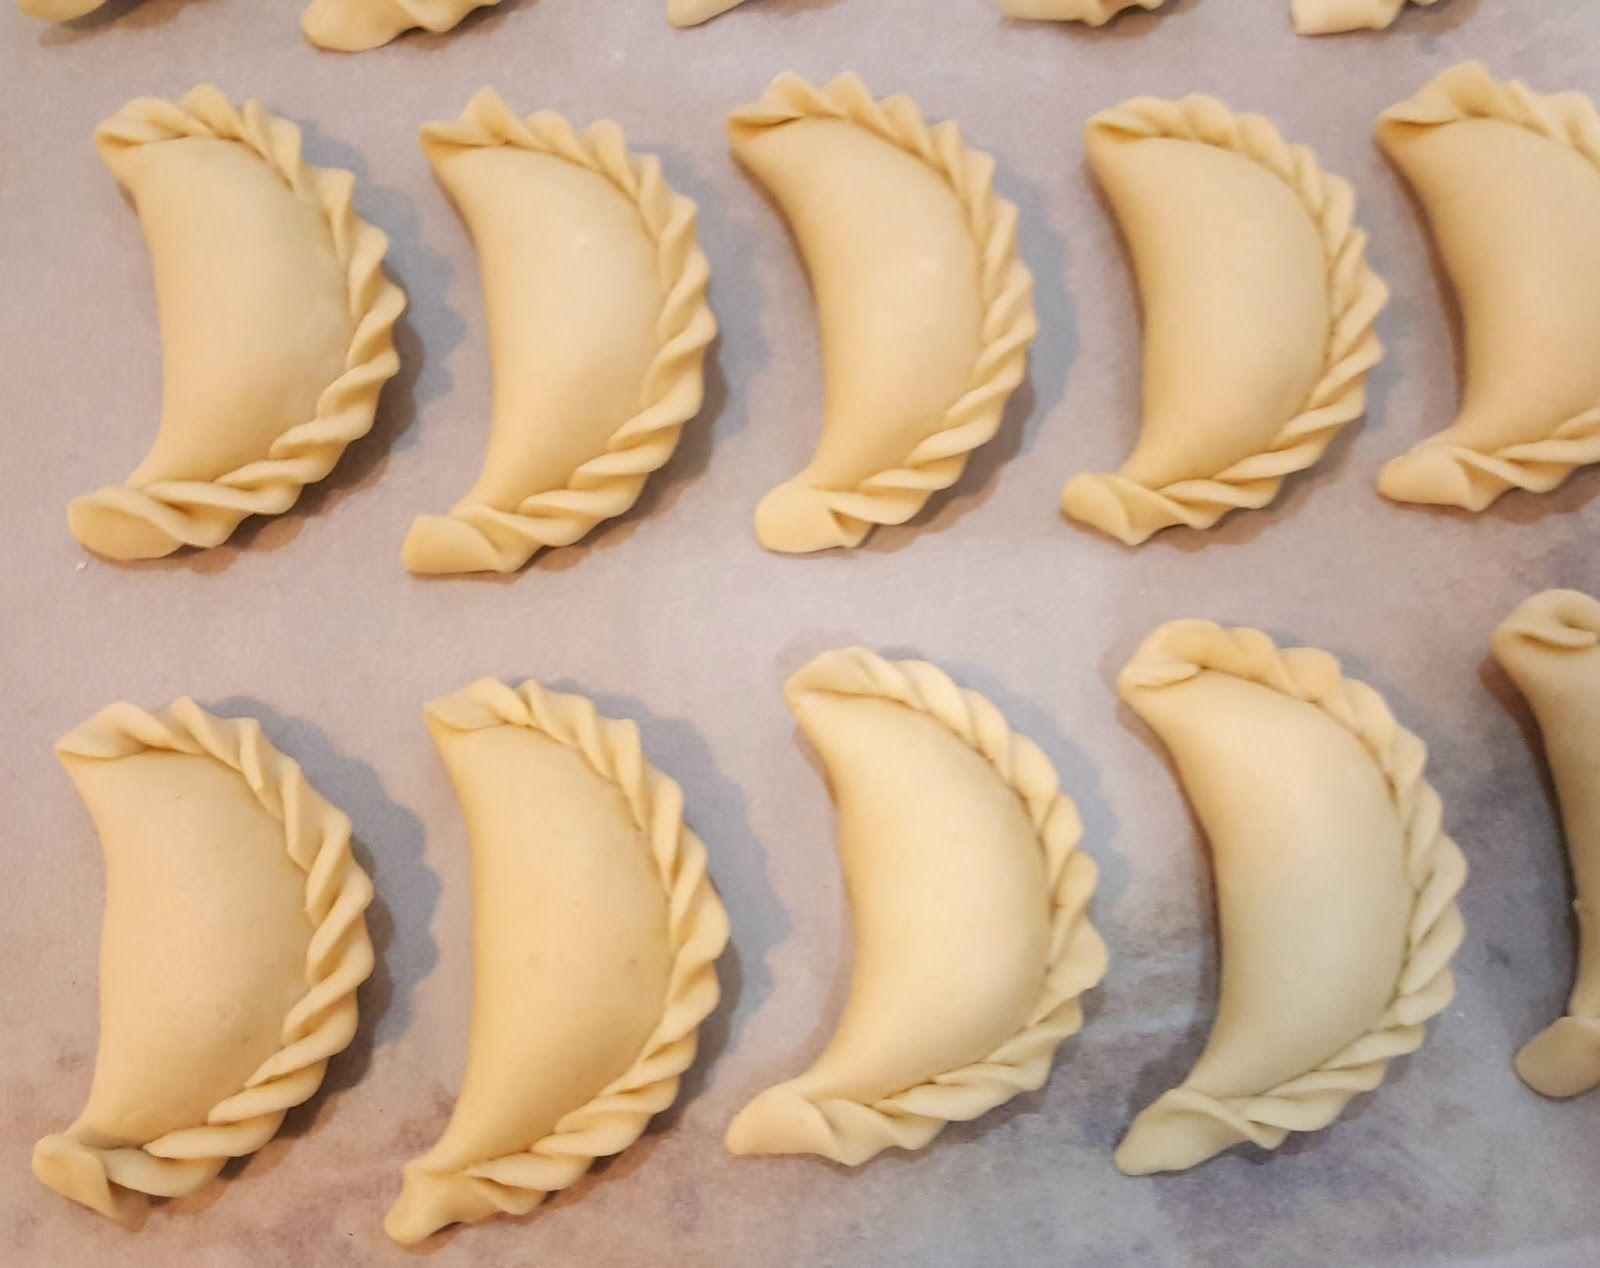 masa para empanadas la saltea o menda para horno pasteles de colores